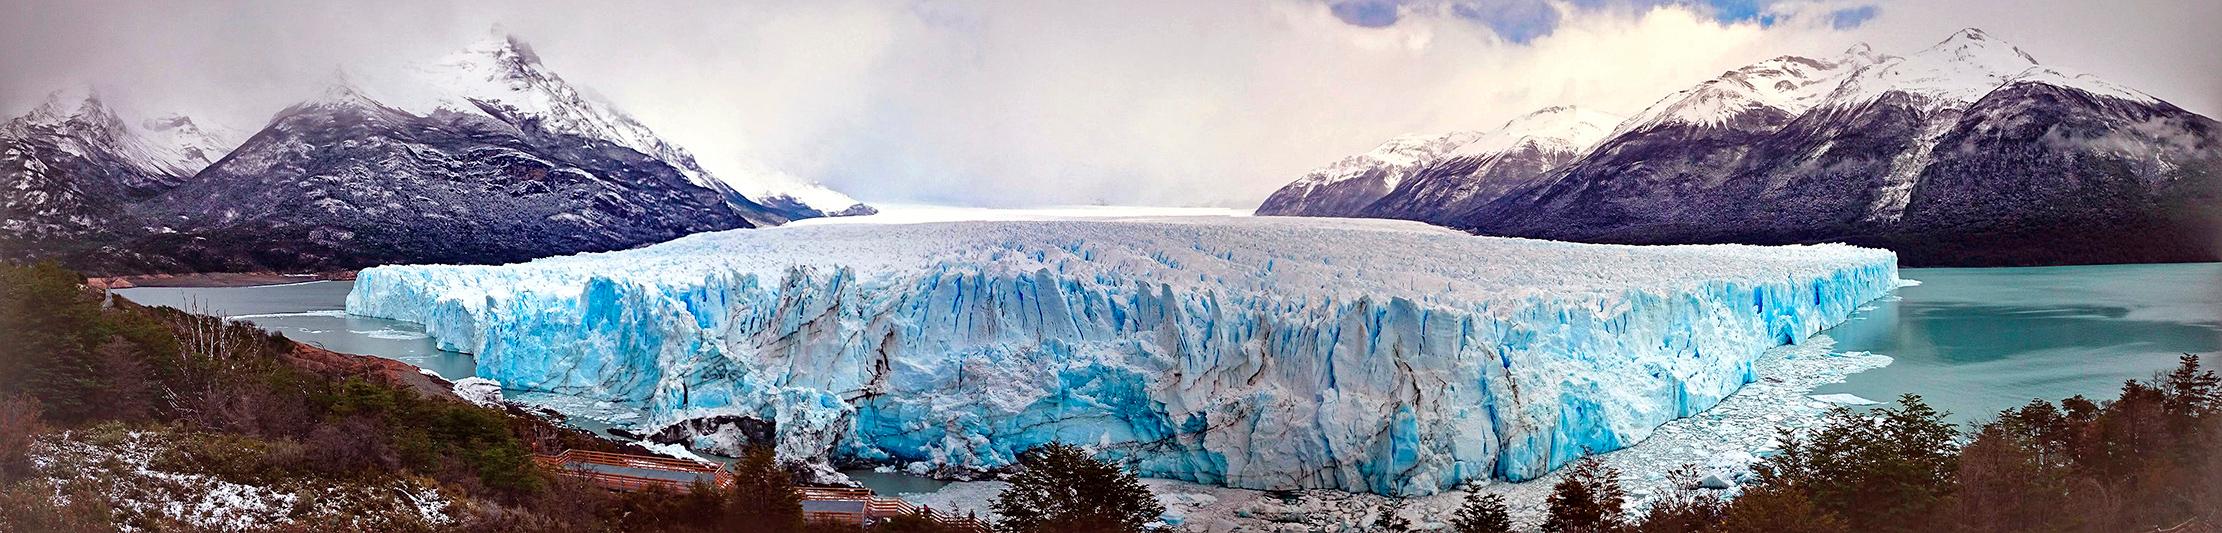 Vue panoramique du glacier Perito Moreno, El Calafate, Argentine - 2014